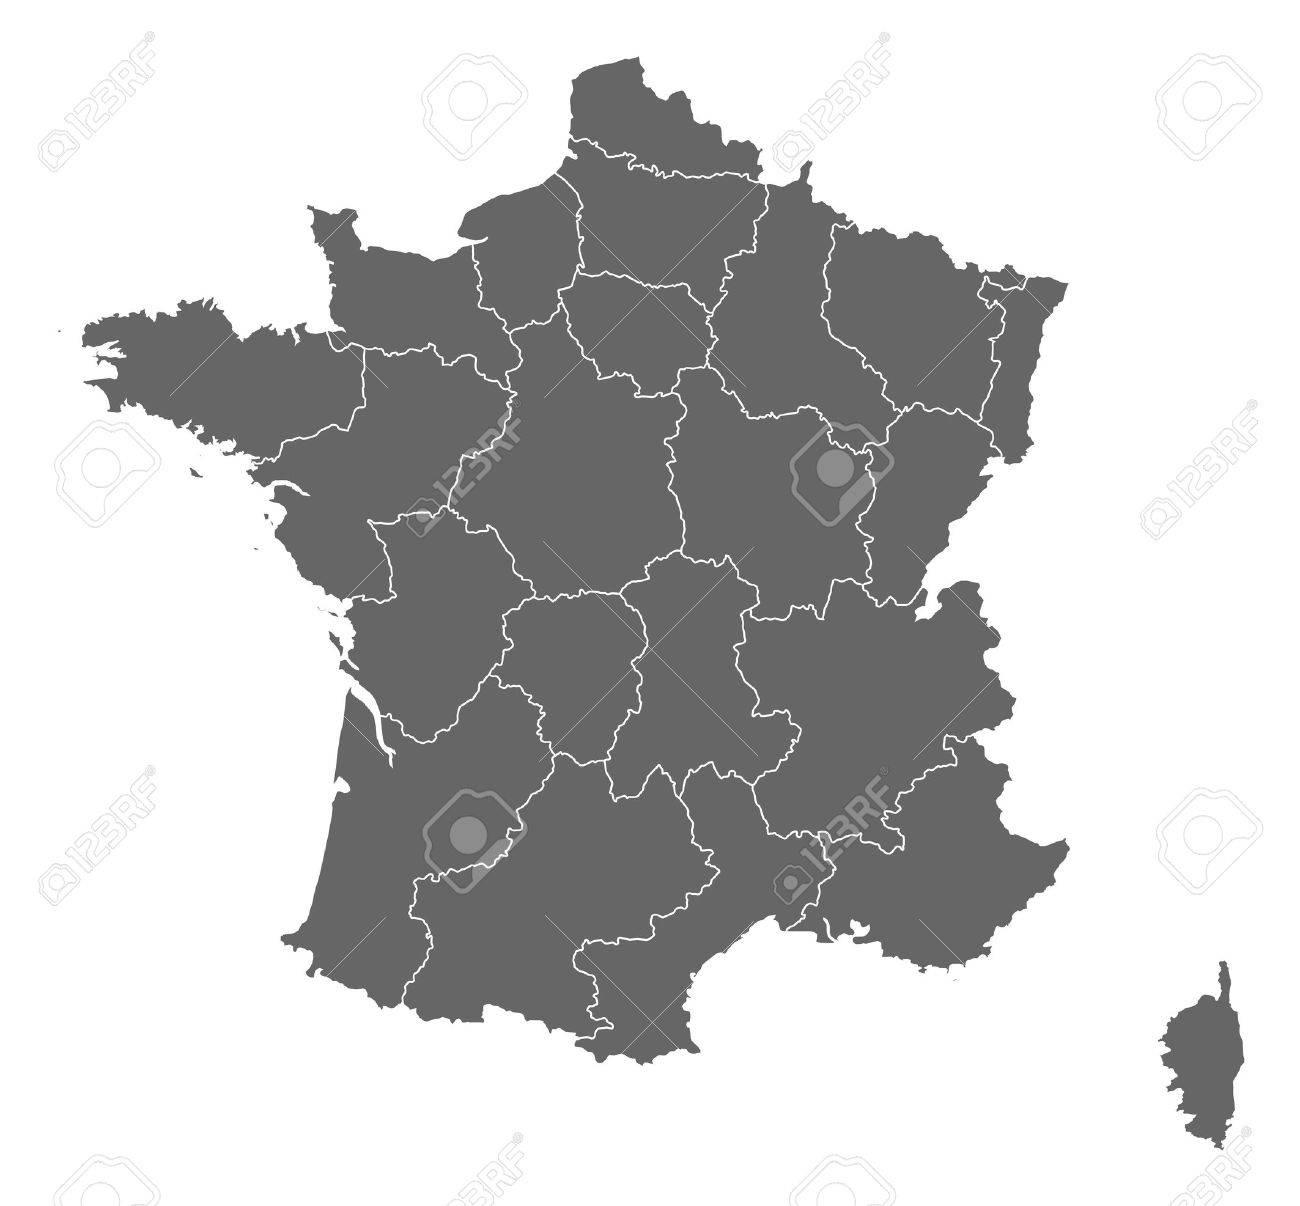 Carte Politique De La France Avec Les Diverses Régions. tout Carte De La France Avec Les Régions